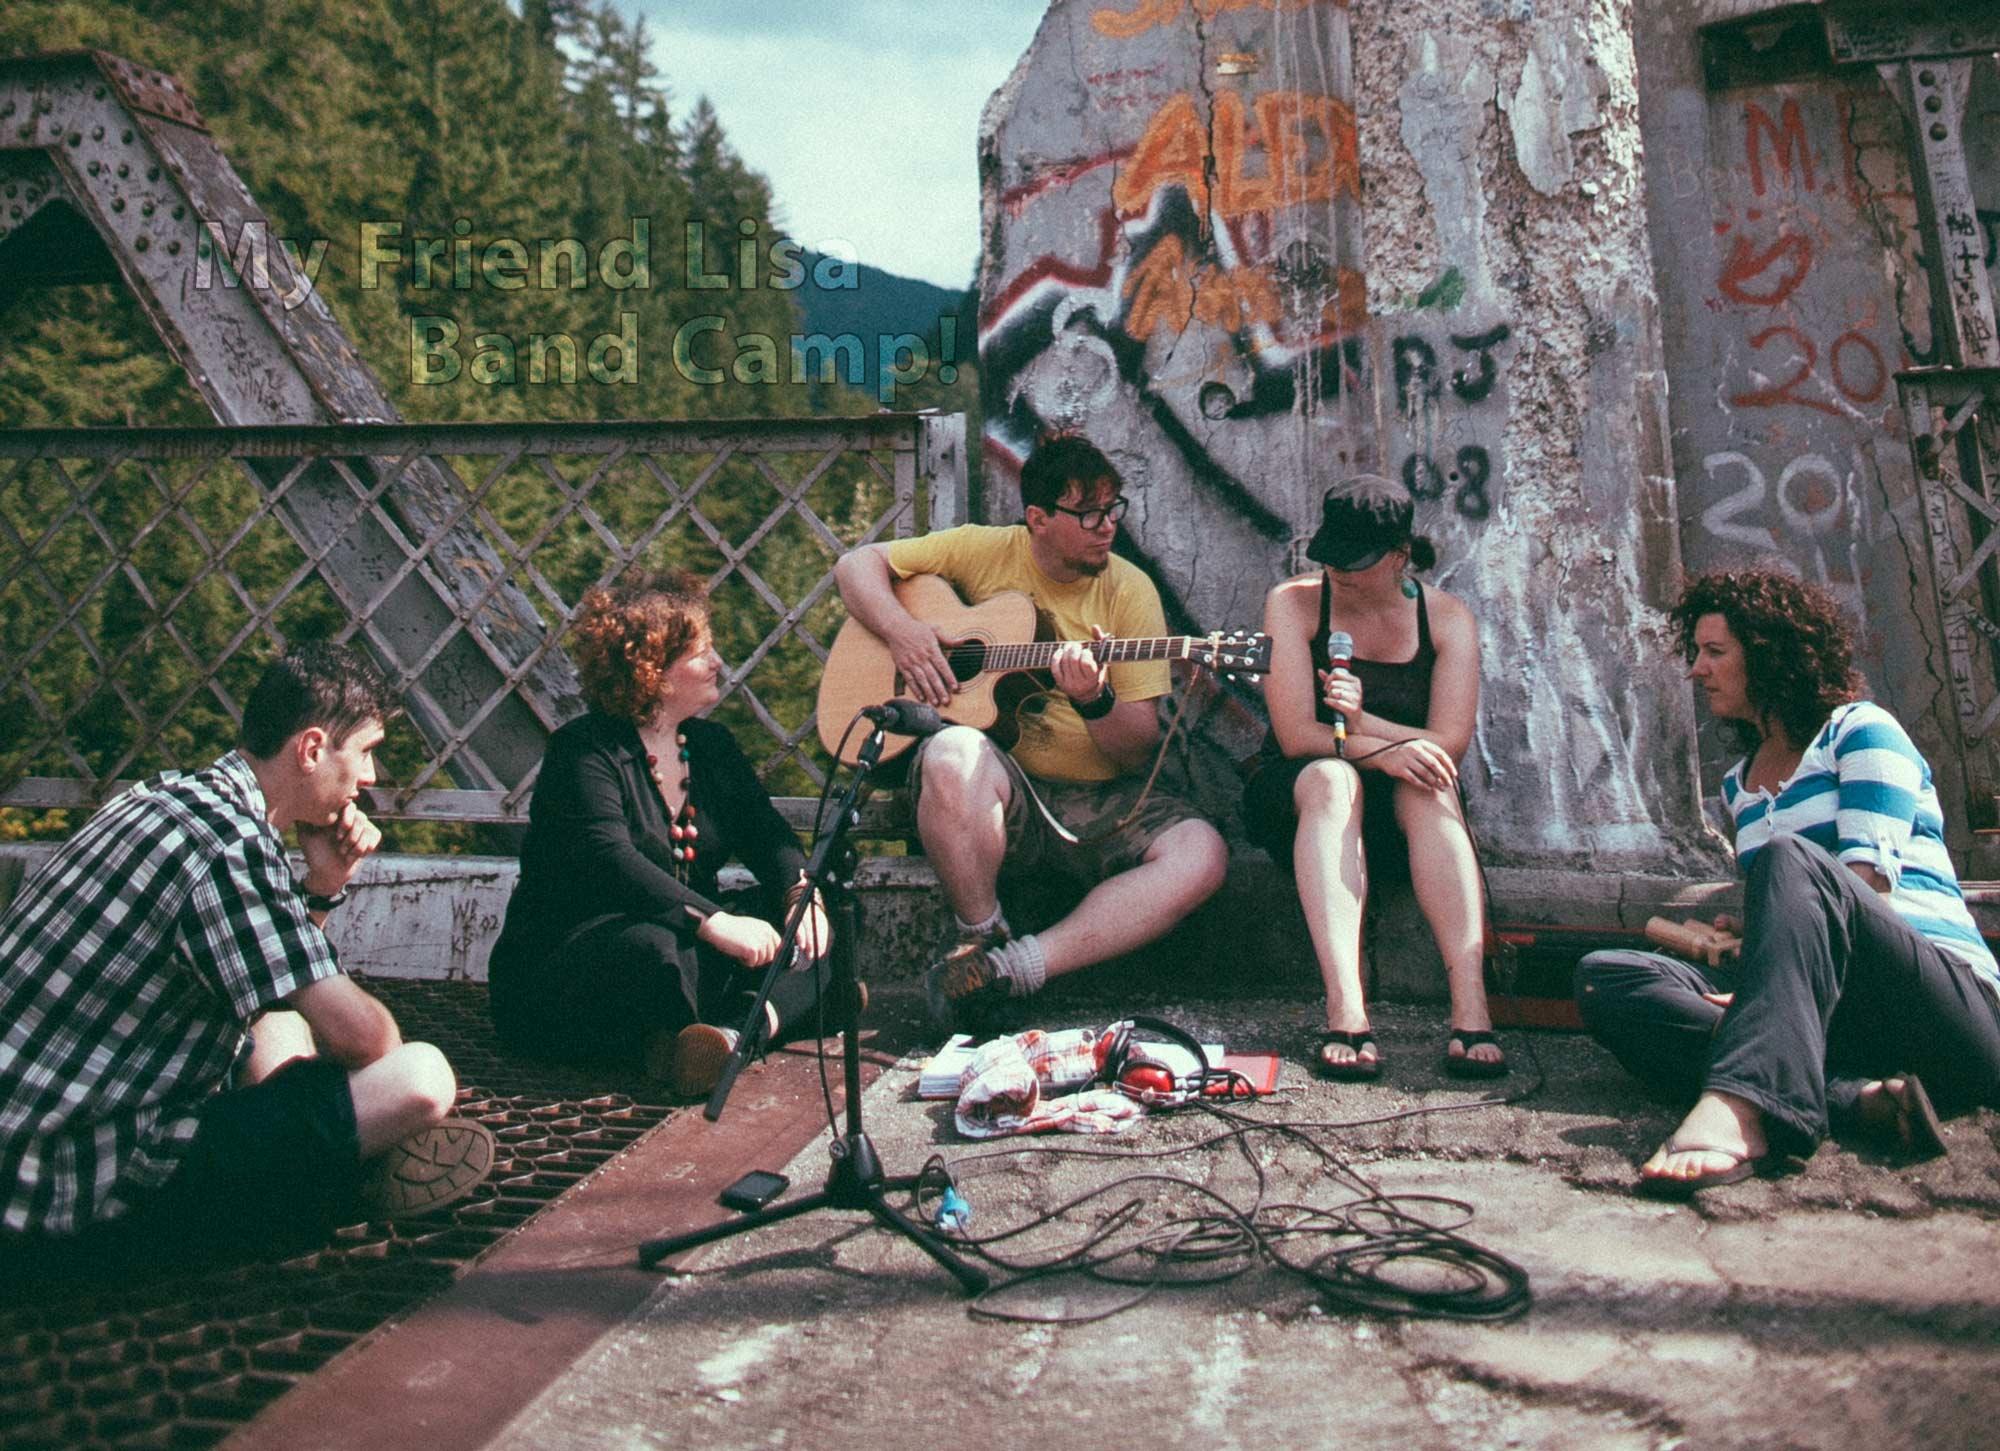 My Friend Lisa – Band Camp